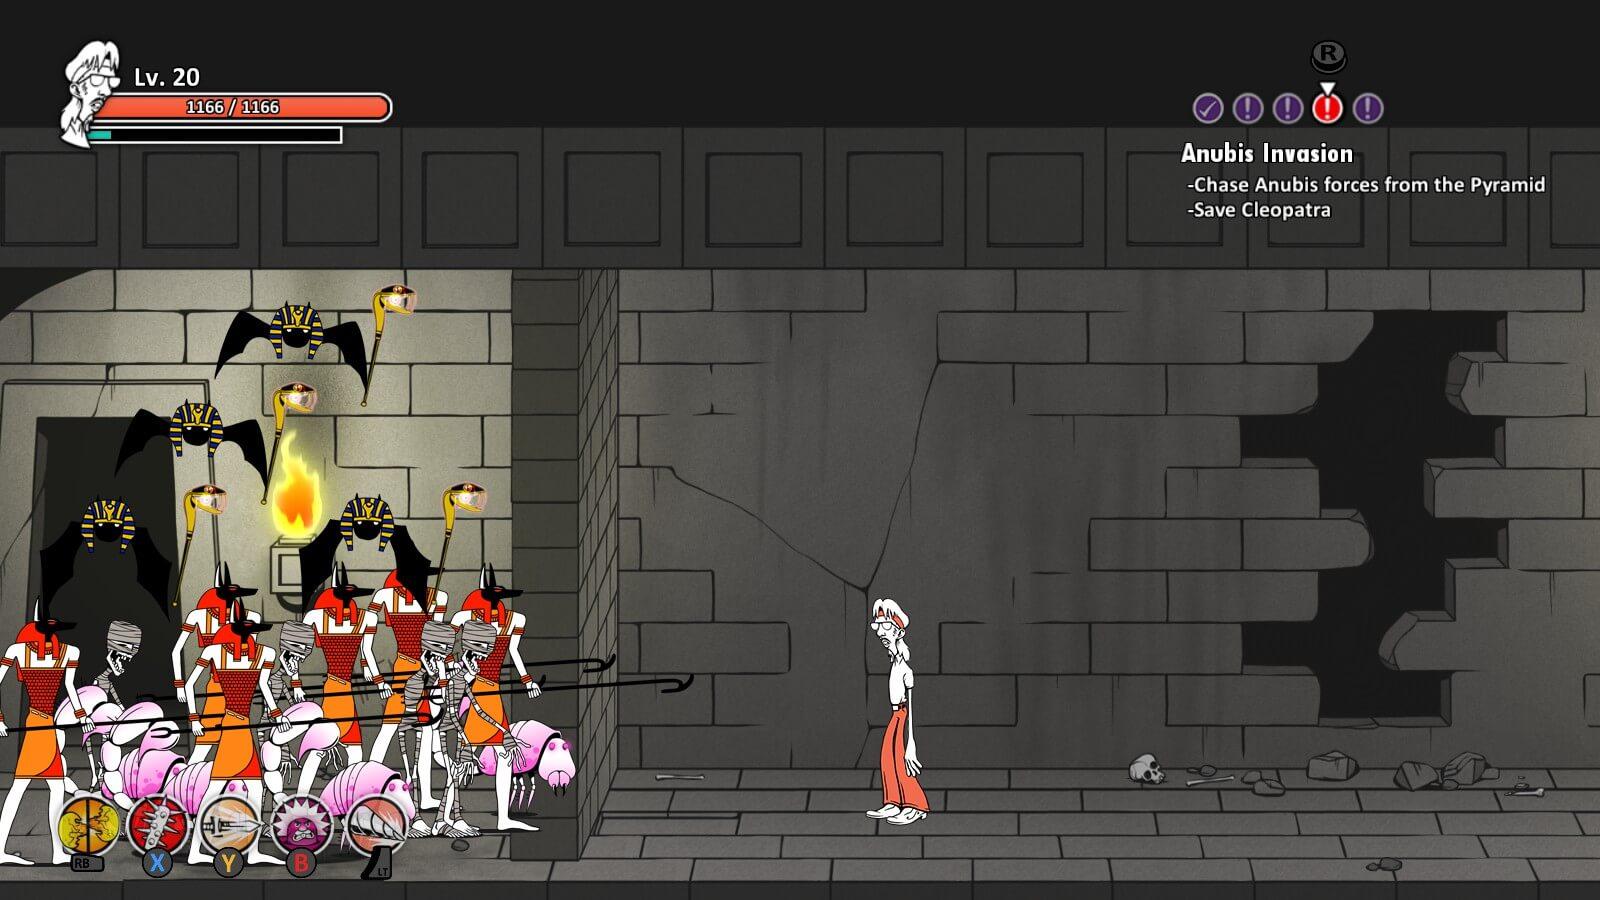 Les cours d'histoire sont beaucoup plus intéressants lorsqu'on peut visiter une pyramide!